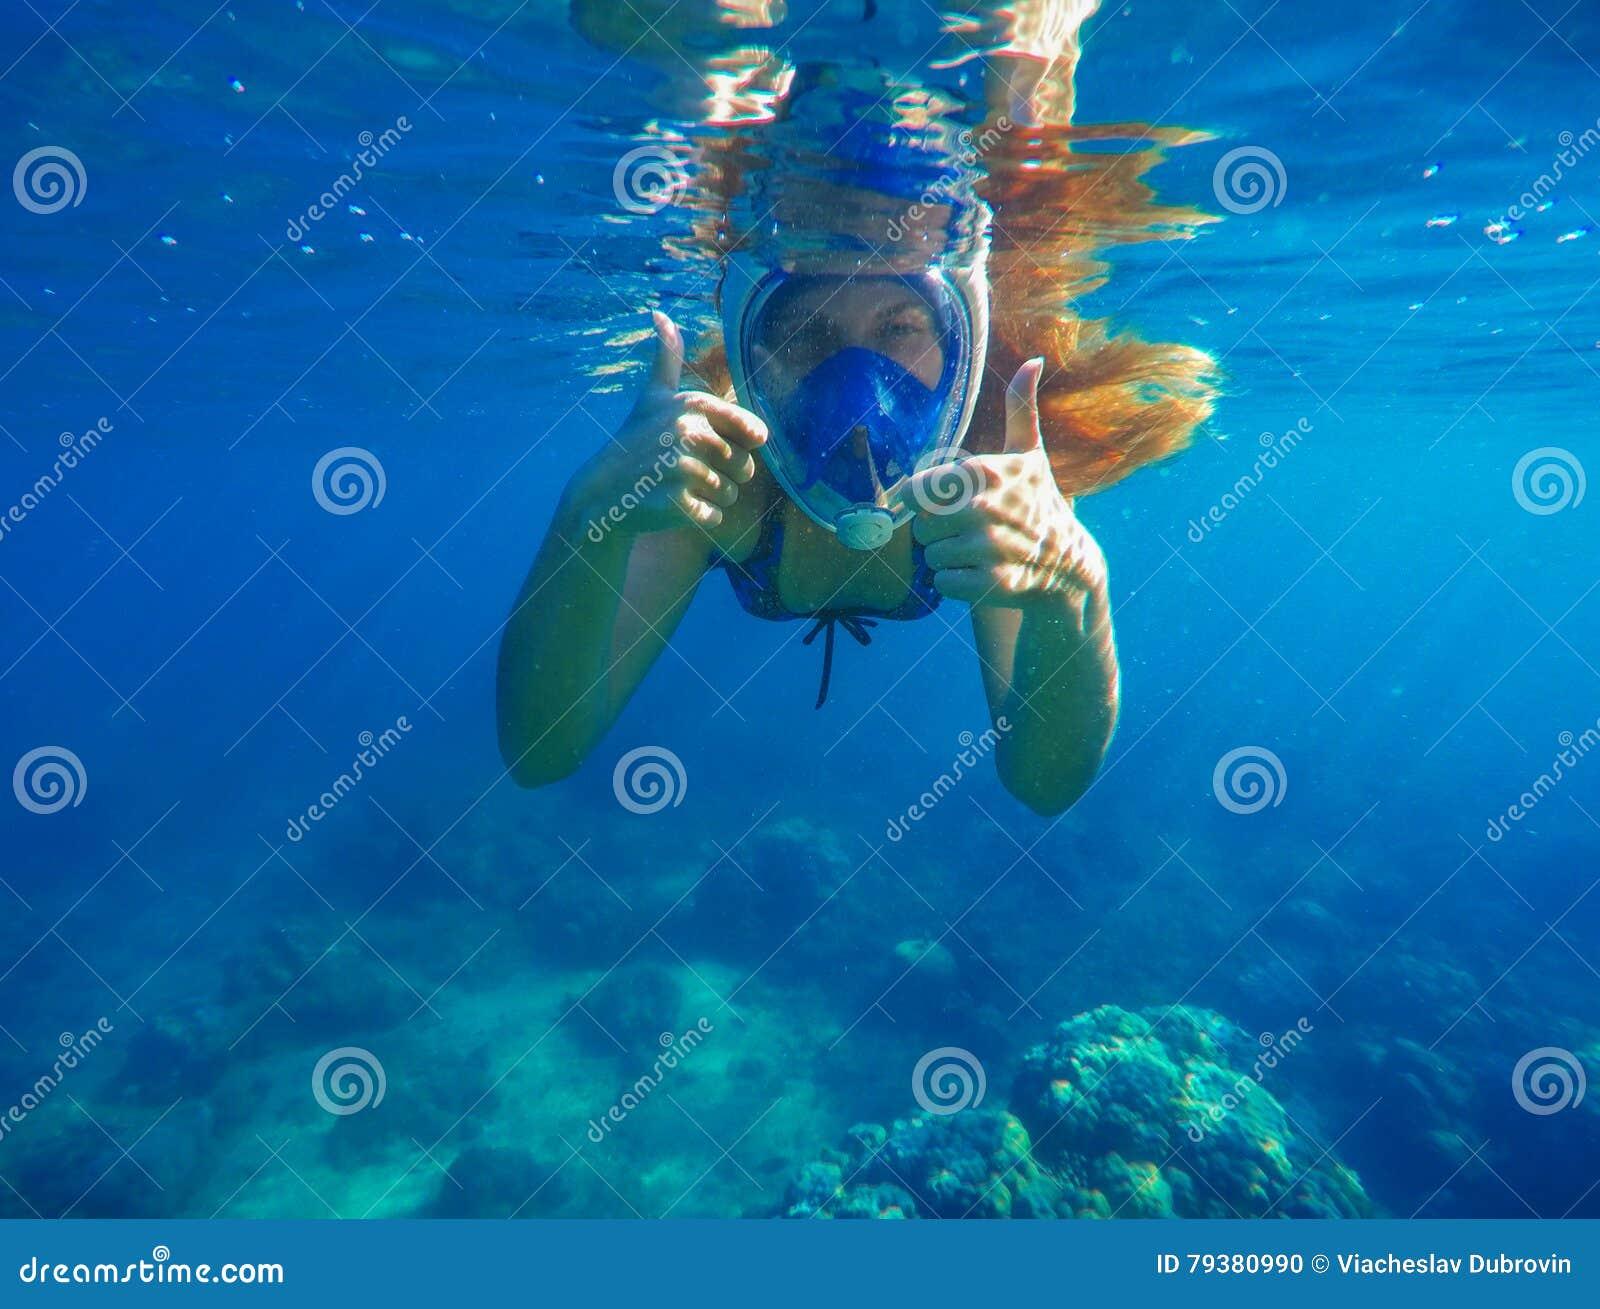 Snorkelende vrouwen onderwater tonende duimen Snorkel in volledig gezichtsmasker